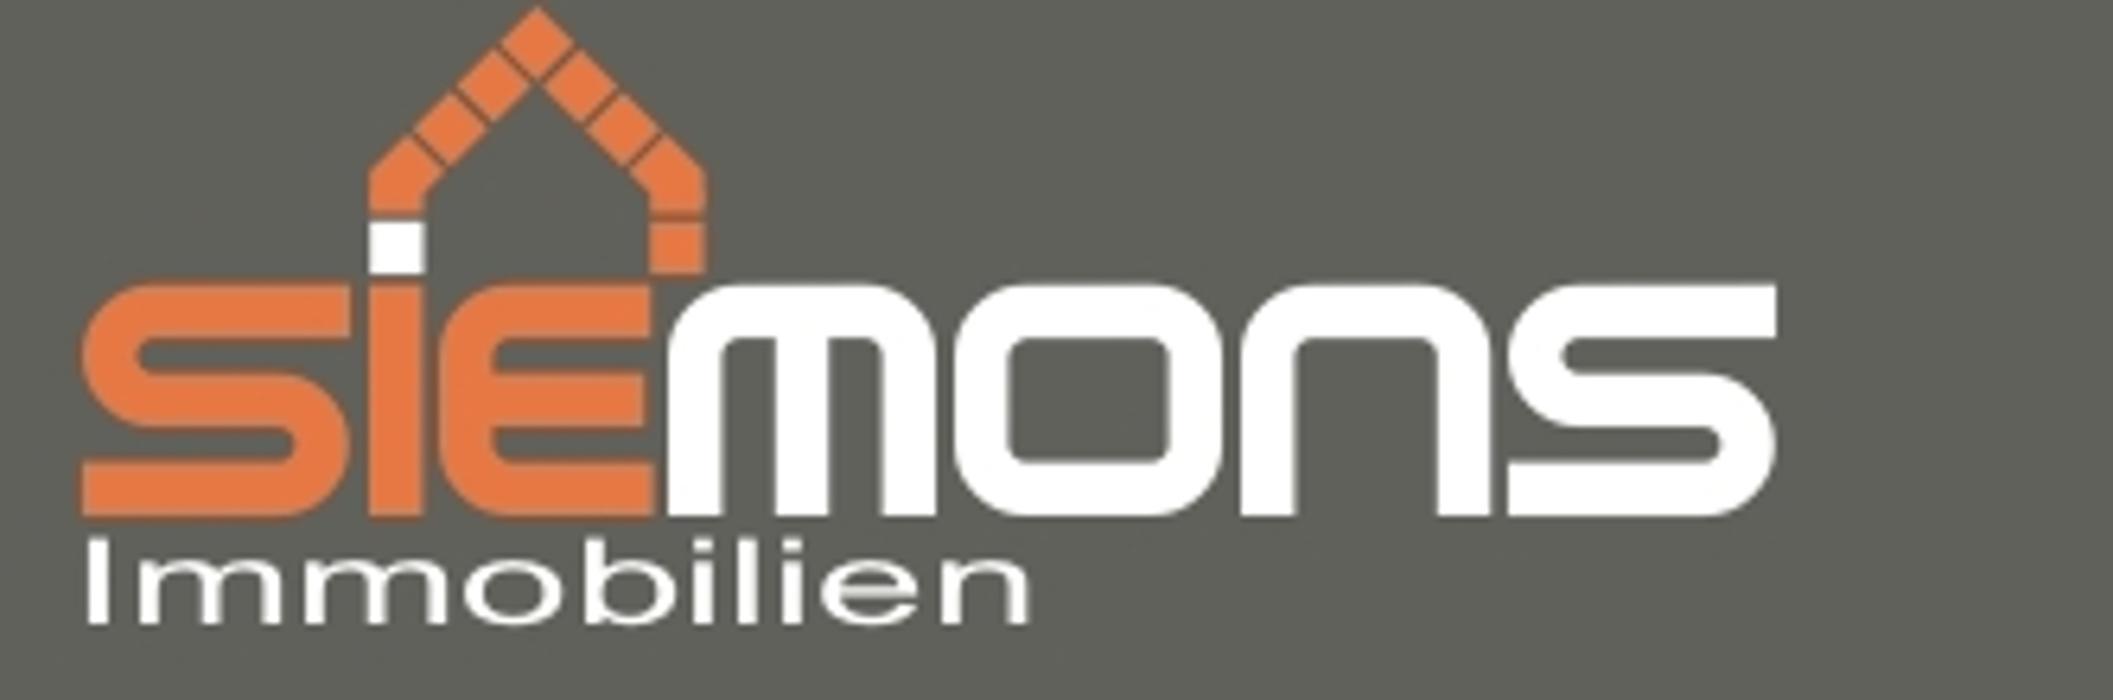 Bild zu Siemons Immobilien in Düsseldorf